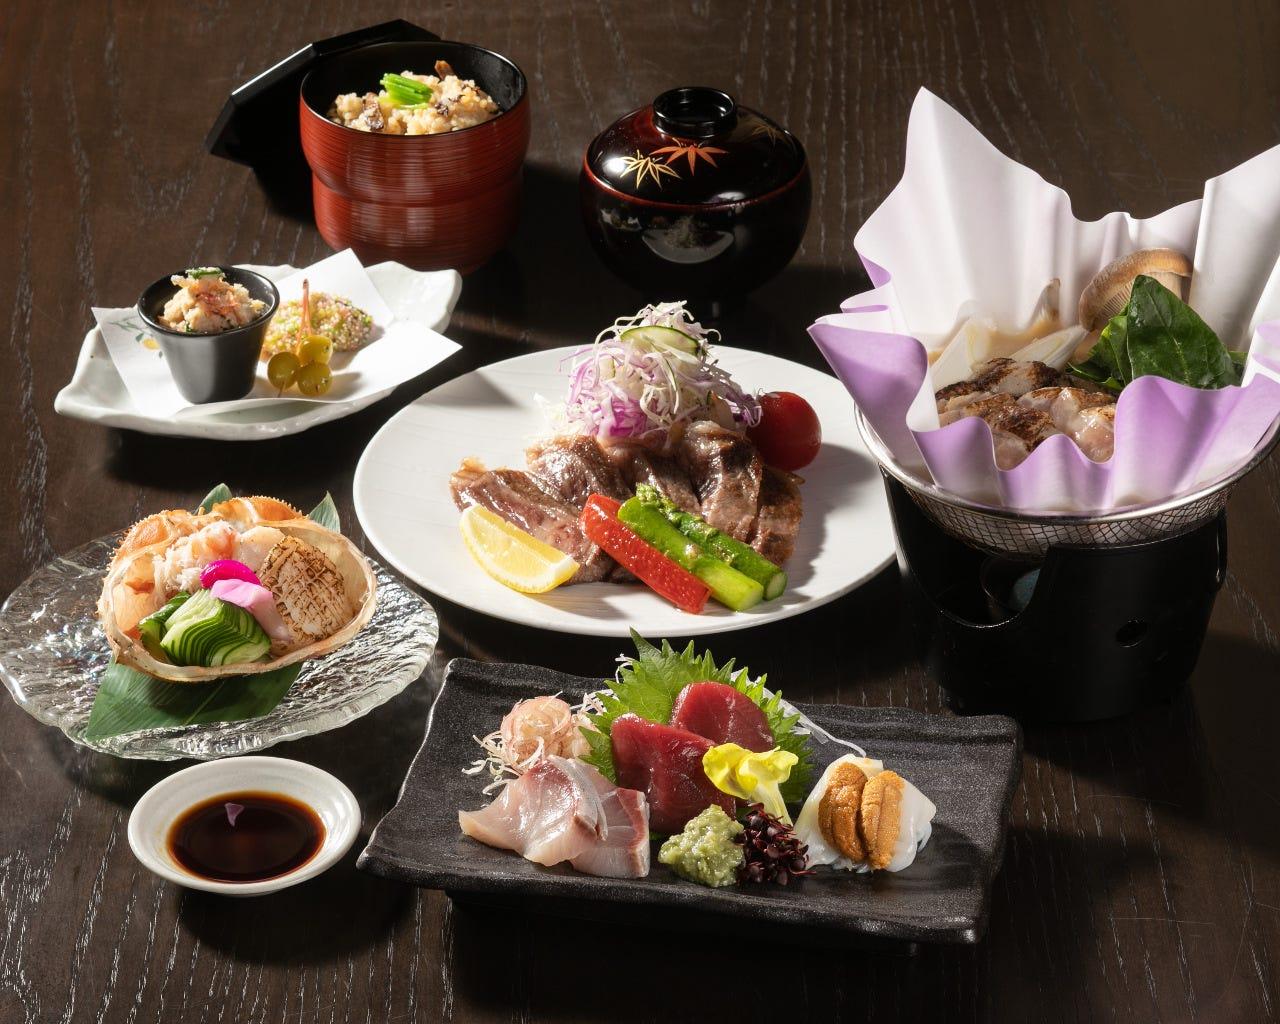 忘新年会にも。和食・お酒好きの方の接待にも最適です。